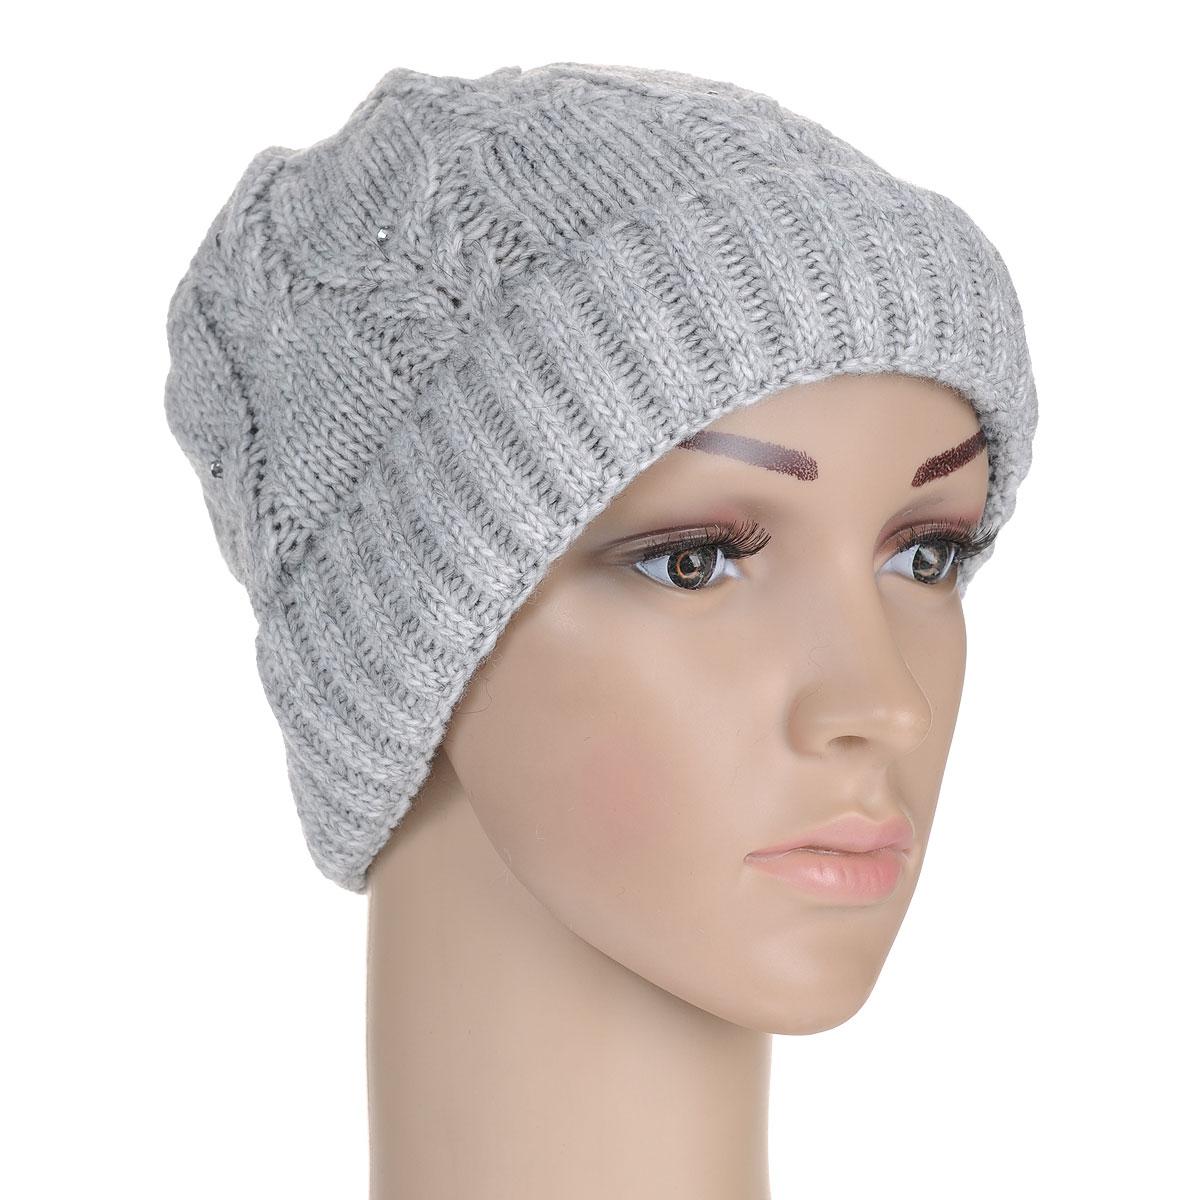 Шапка7104S_11 GMСтильная женская шапка Flioraj отлично дополнит ваш образ в холодную погоду. Сочетание шерсти и акрила максимально сохраняет тепло и обеспечивает удобную посадку, невероятную легкость и мягкость. Модель оформлена крупной фигурной вязкой и стразами. Понизу шапка связана крупной резинкой и дополнена отворотом. Привлекательная стильная шапка Flioraj подчеркнет ваш неповторимый стиль и индивидуальность.